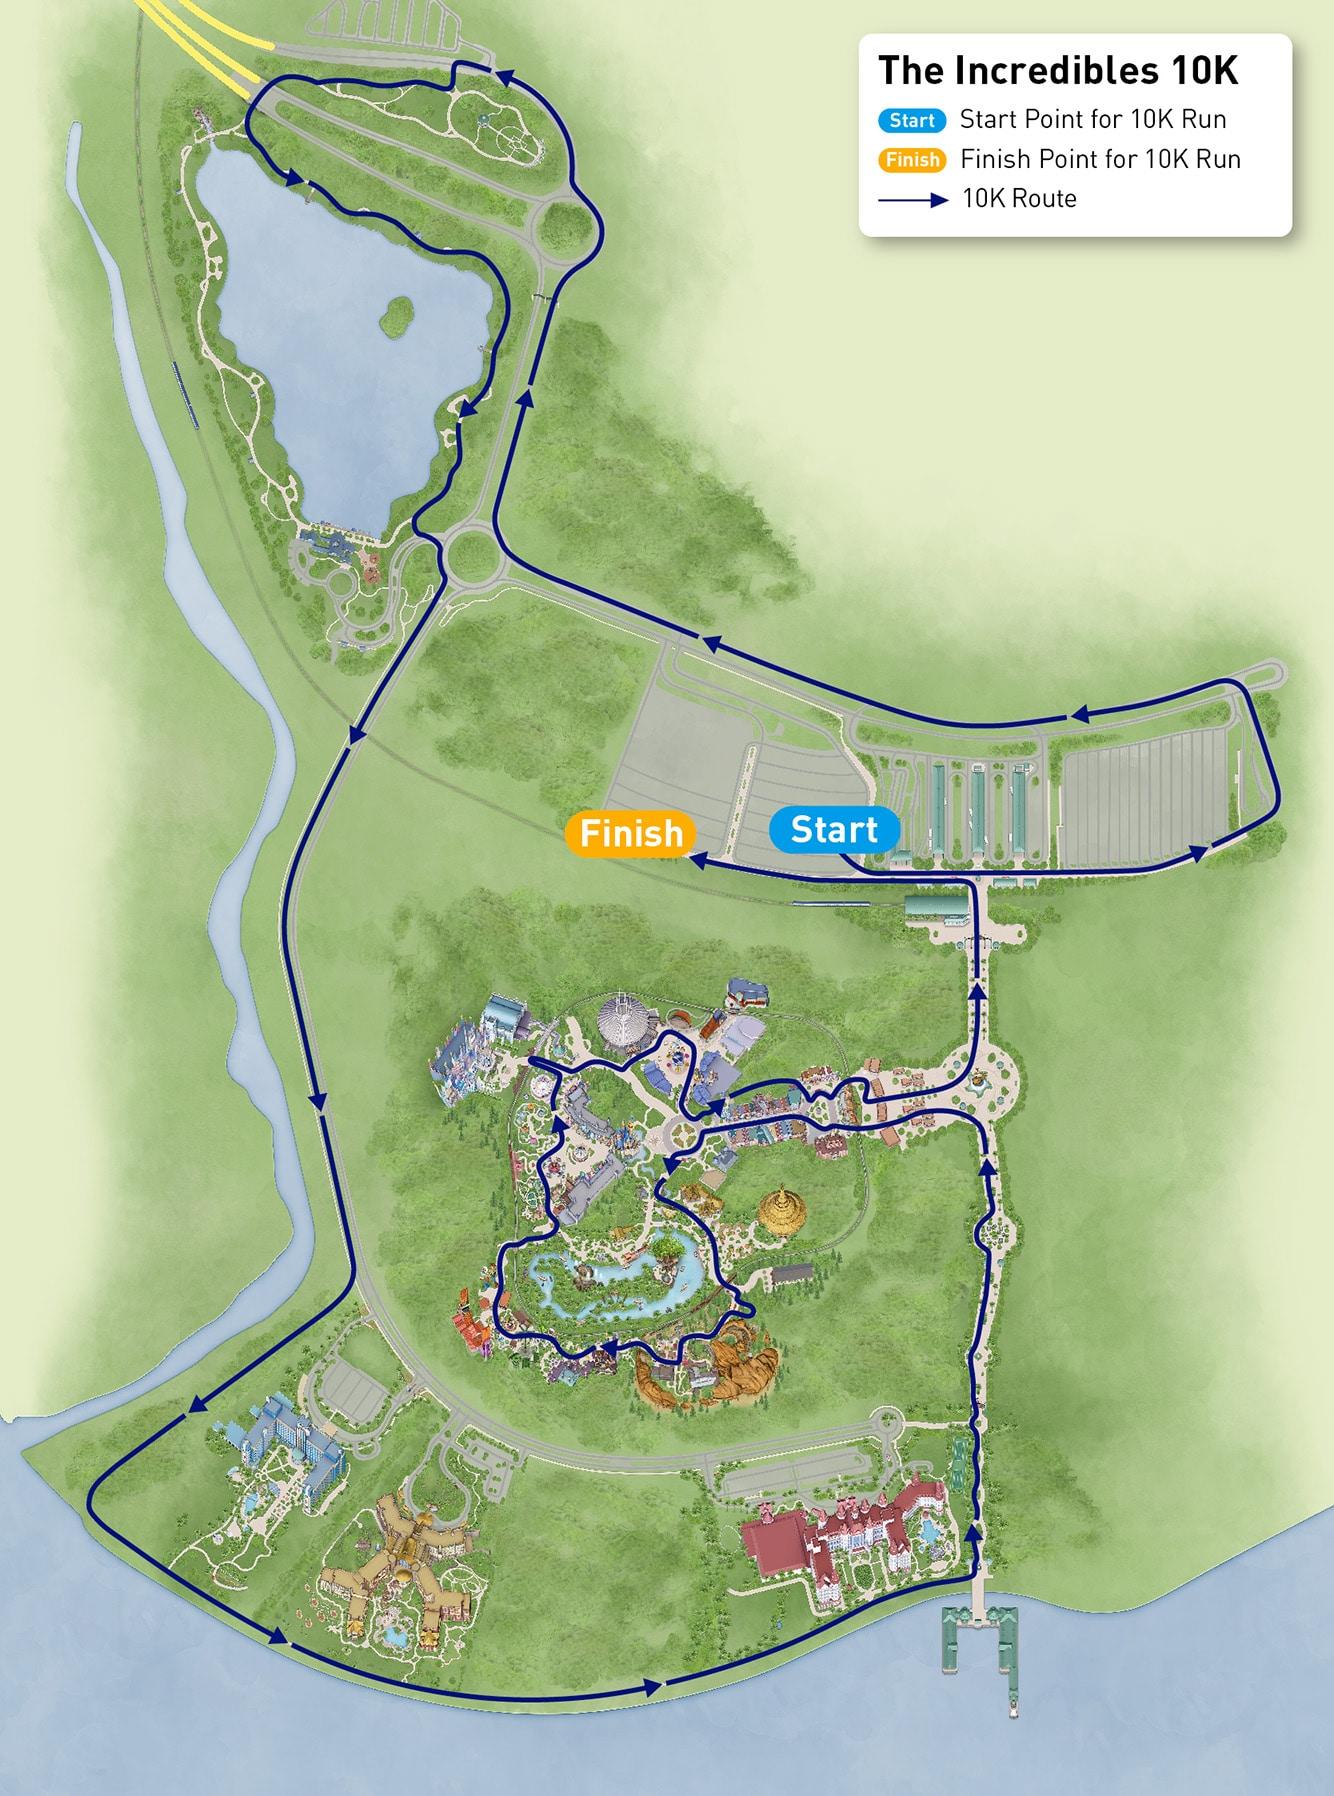 Hong Kong Disneyland 10k Weekend 2018 Presented By Aia Vitality